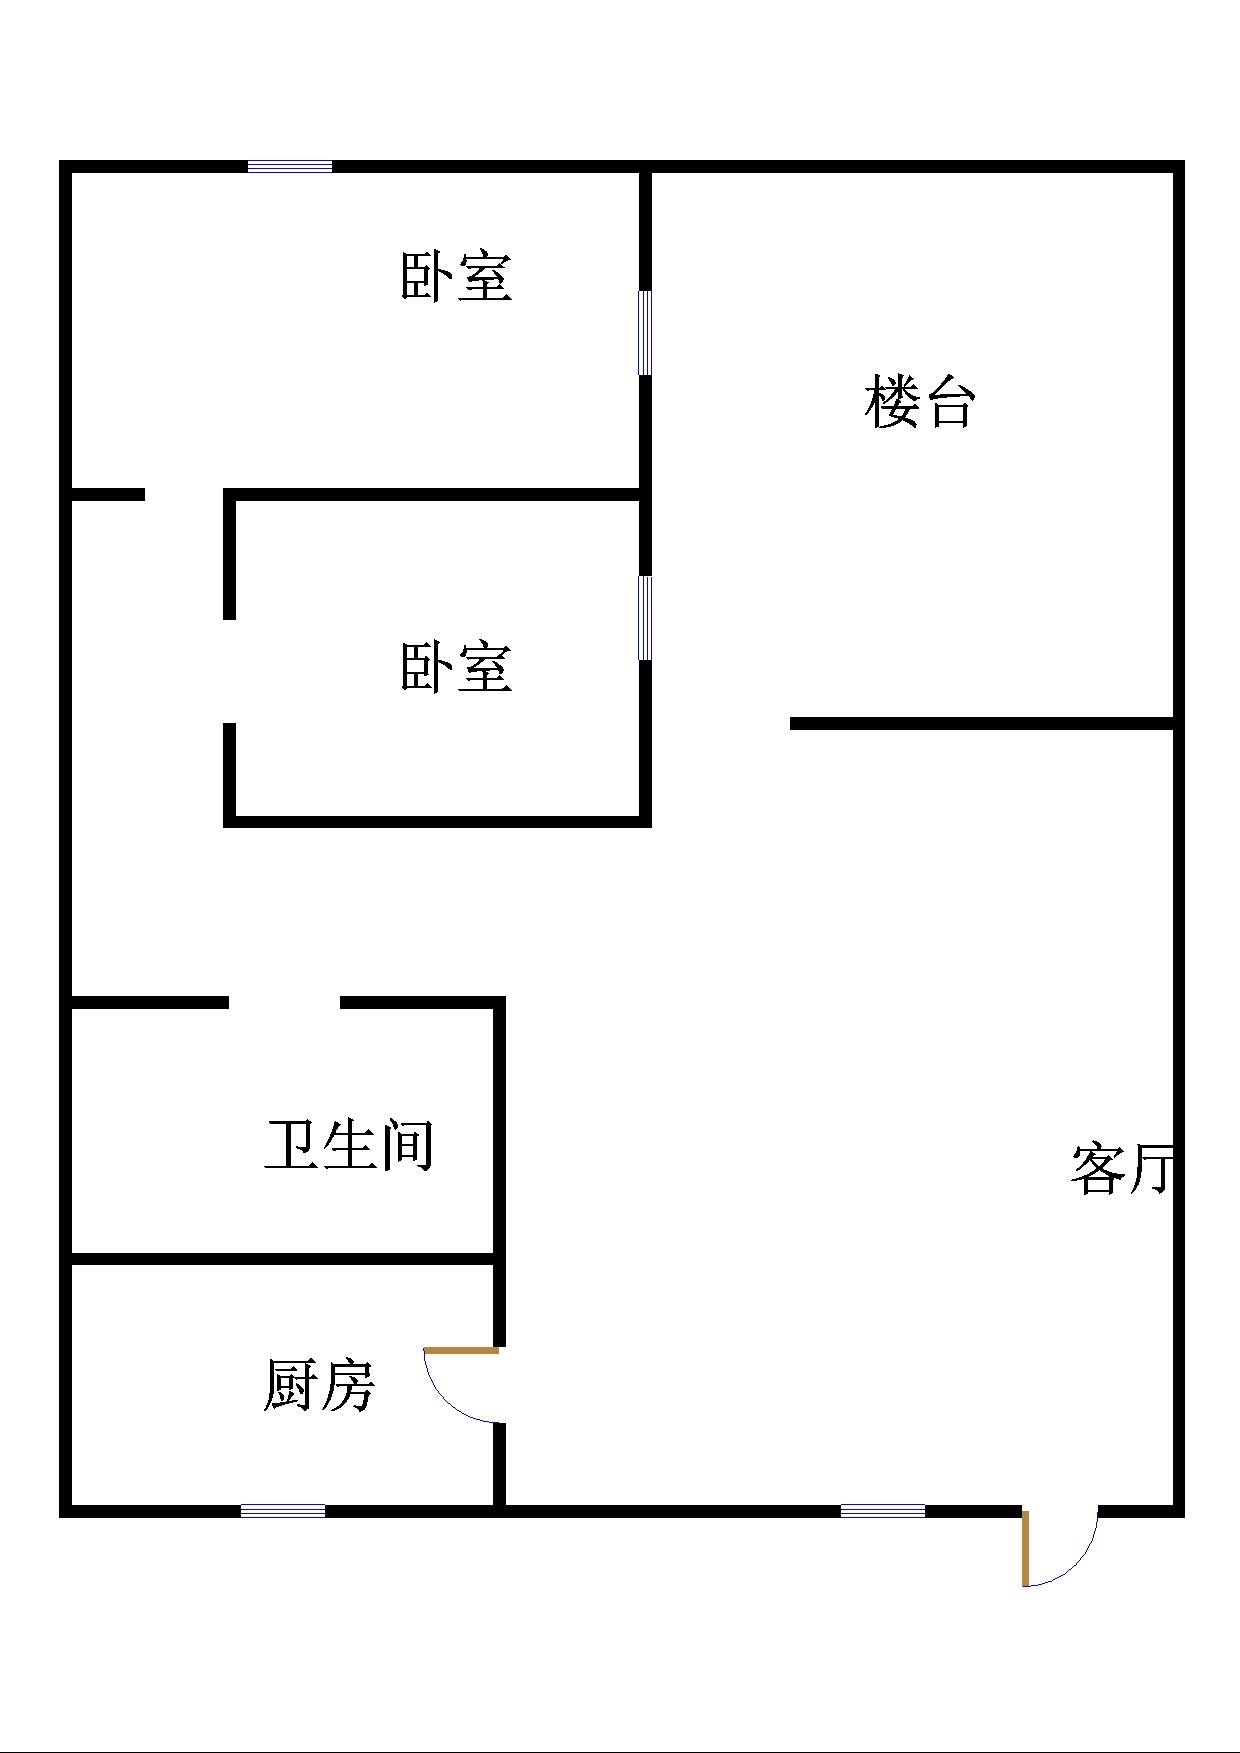 商贸城 2室1厅 3楼